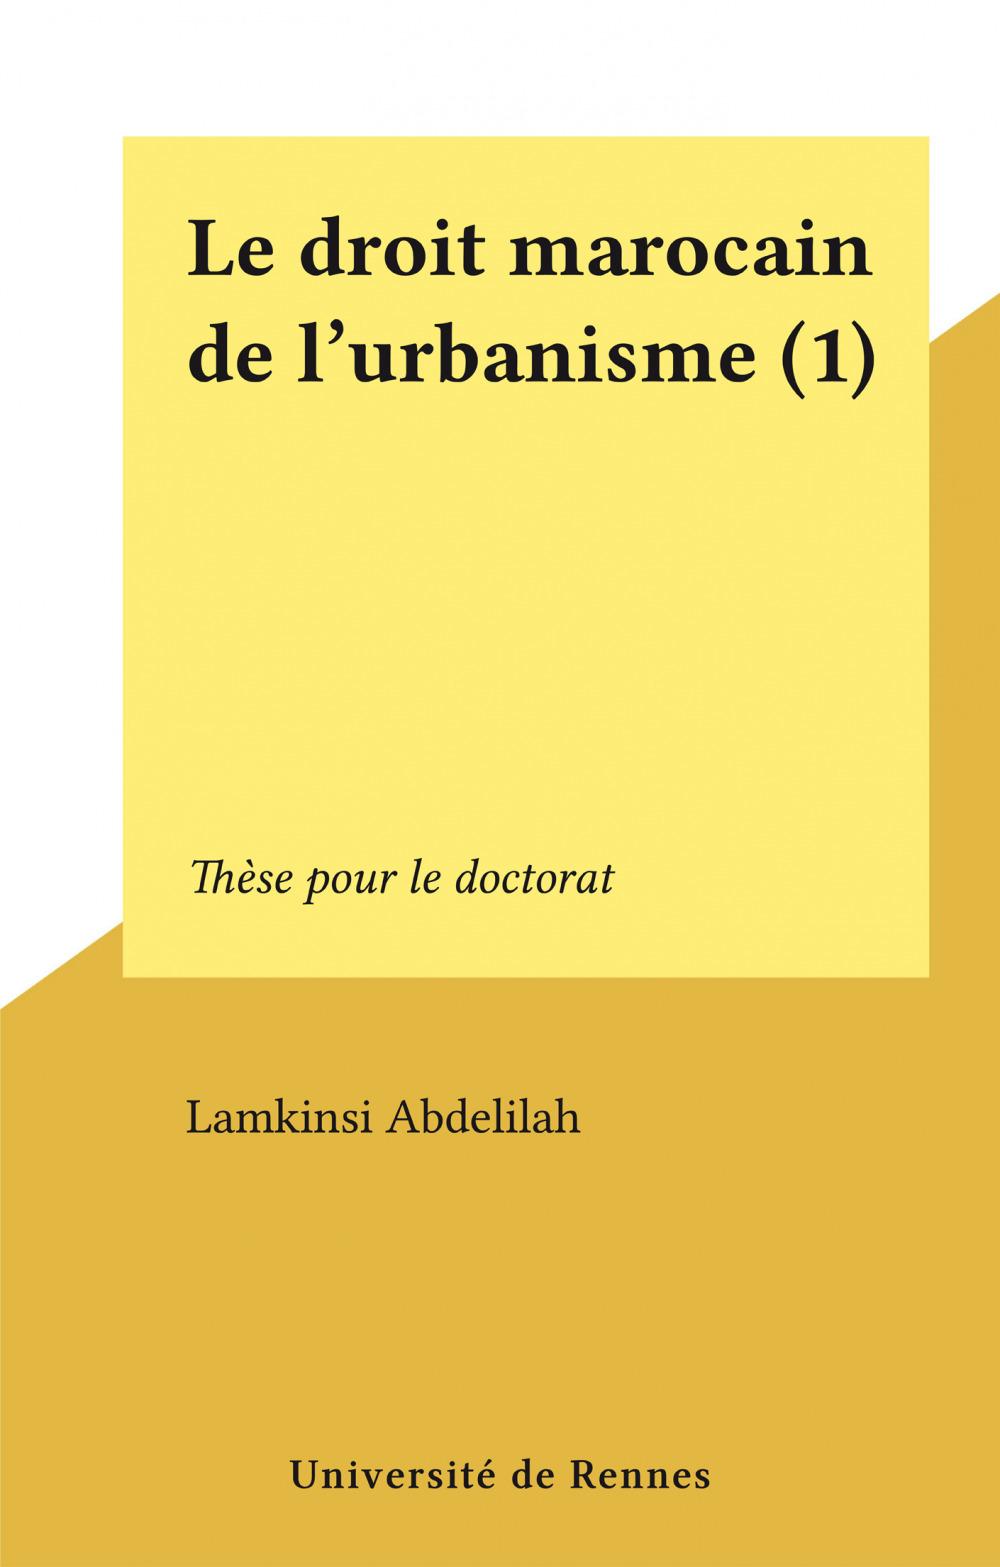 Le droit marocain de l'urbanisme (1)